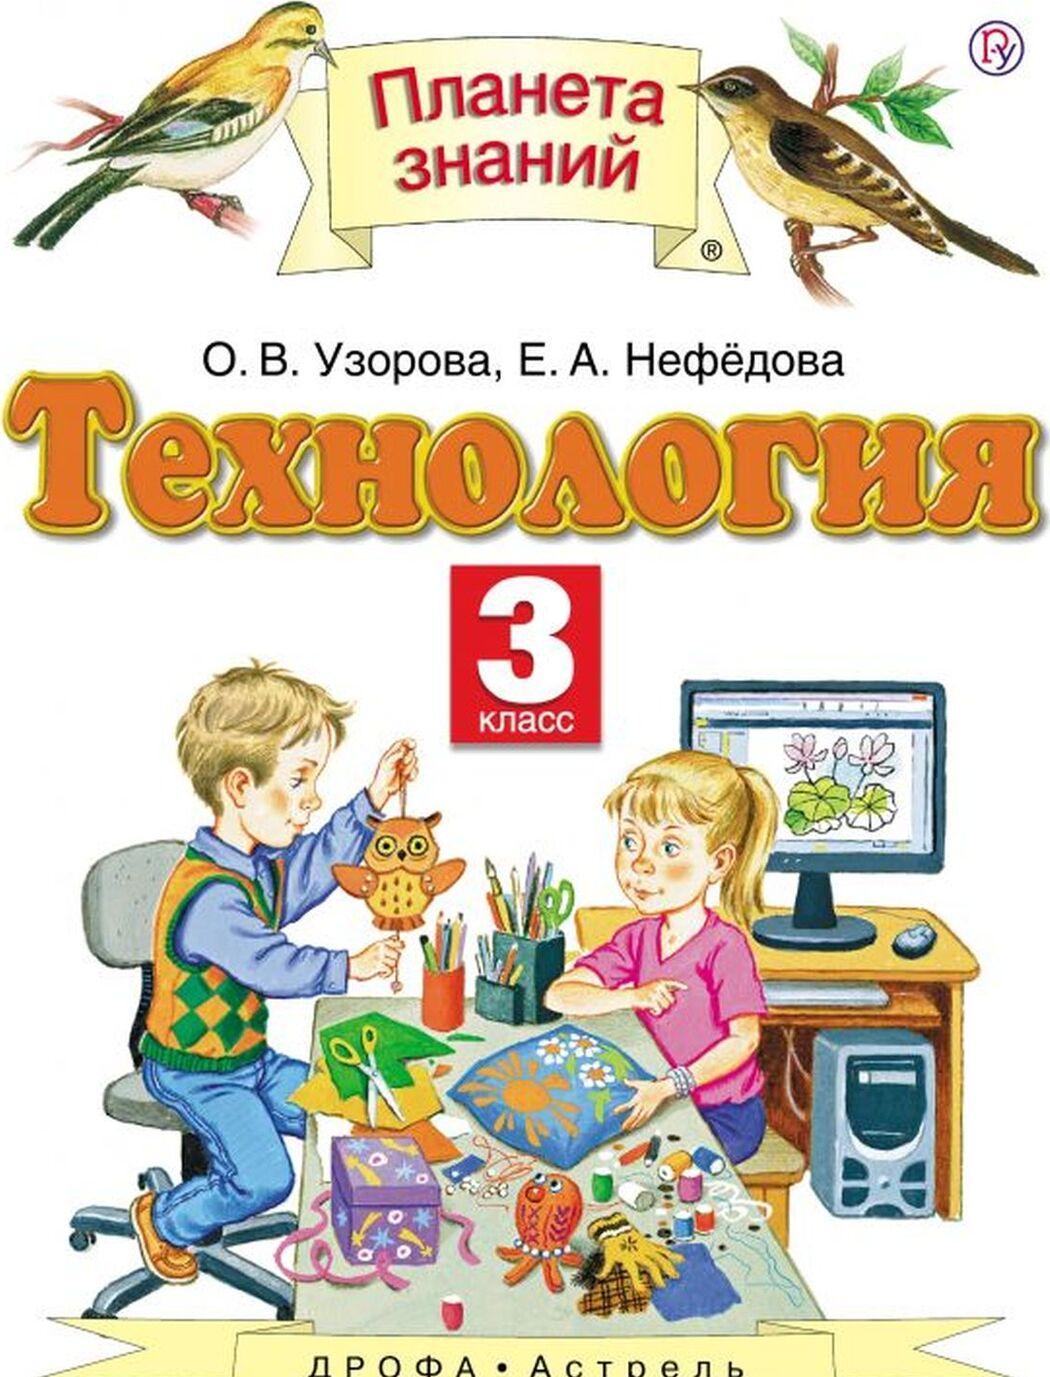 Tekhnologija. 3 klass. Uchebnik | Uzorova Olga Vasilevna, Nefedova Elena Alekseevna